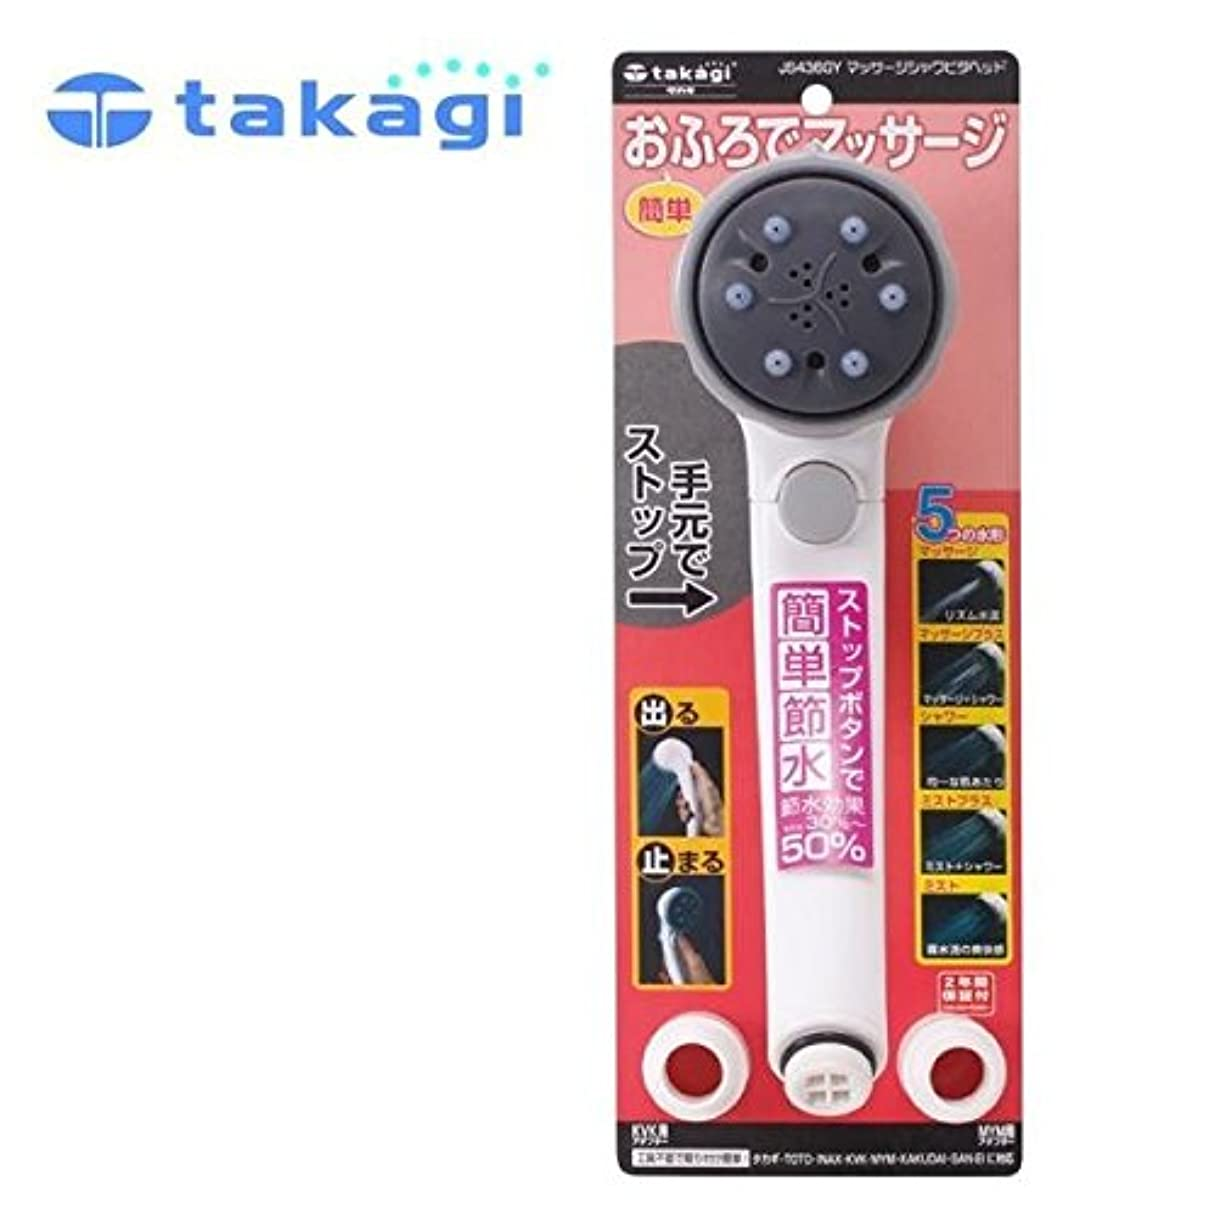 折り目入口情緒的takagi タカギ 浴室用シャワーヘッド マッサージシャワピタヘッド【同梱?代引不可】